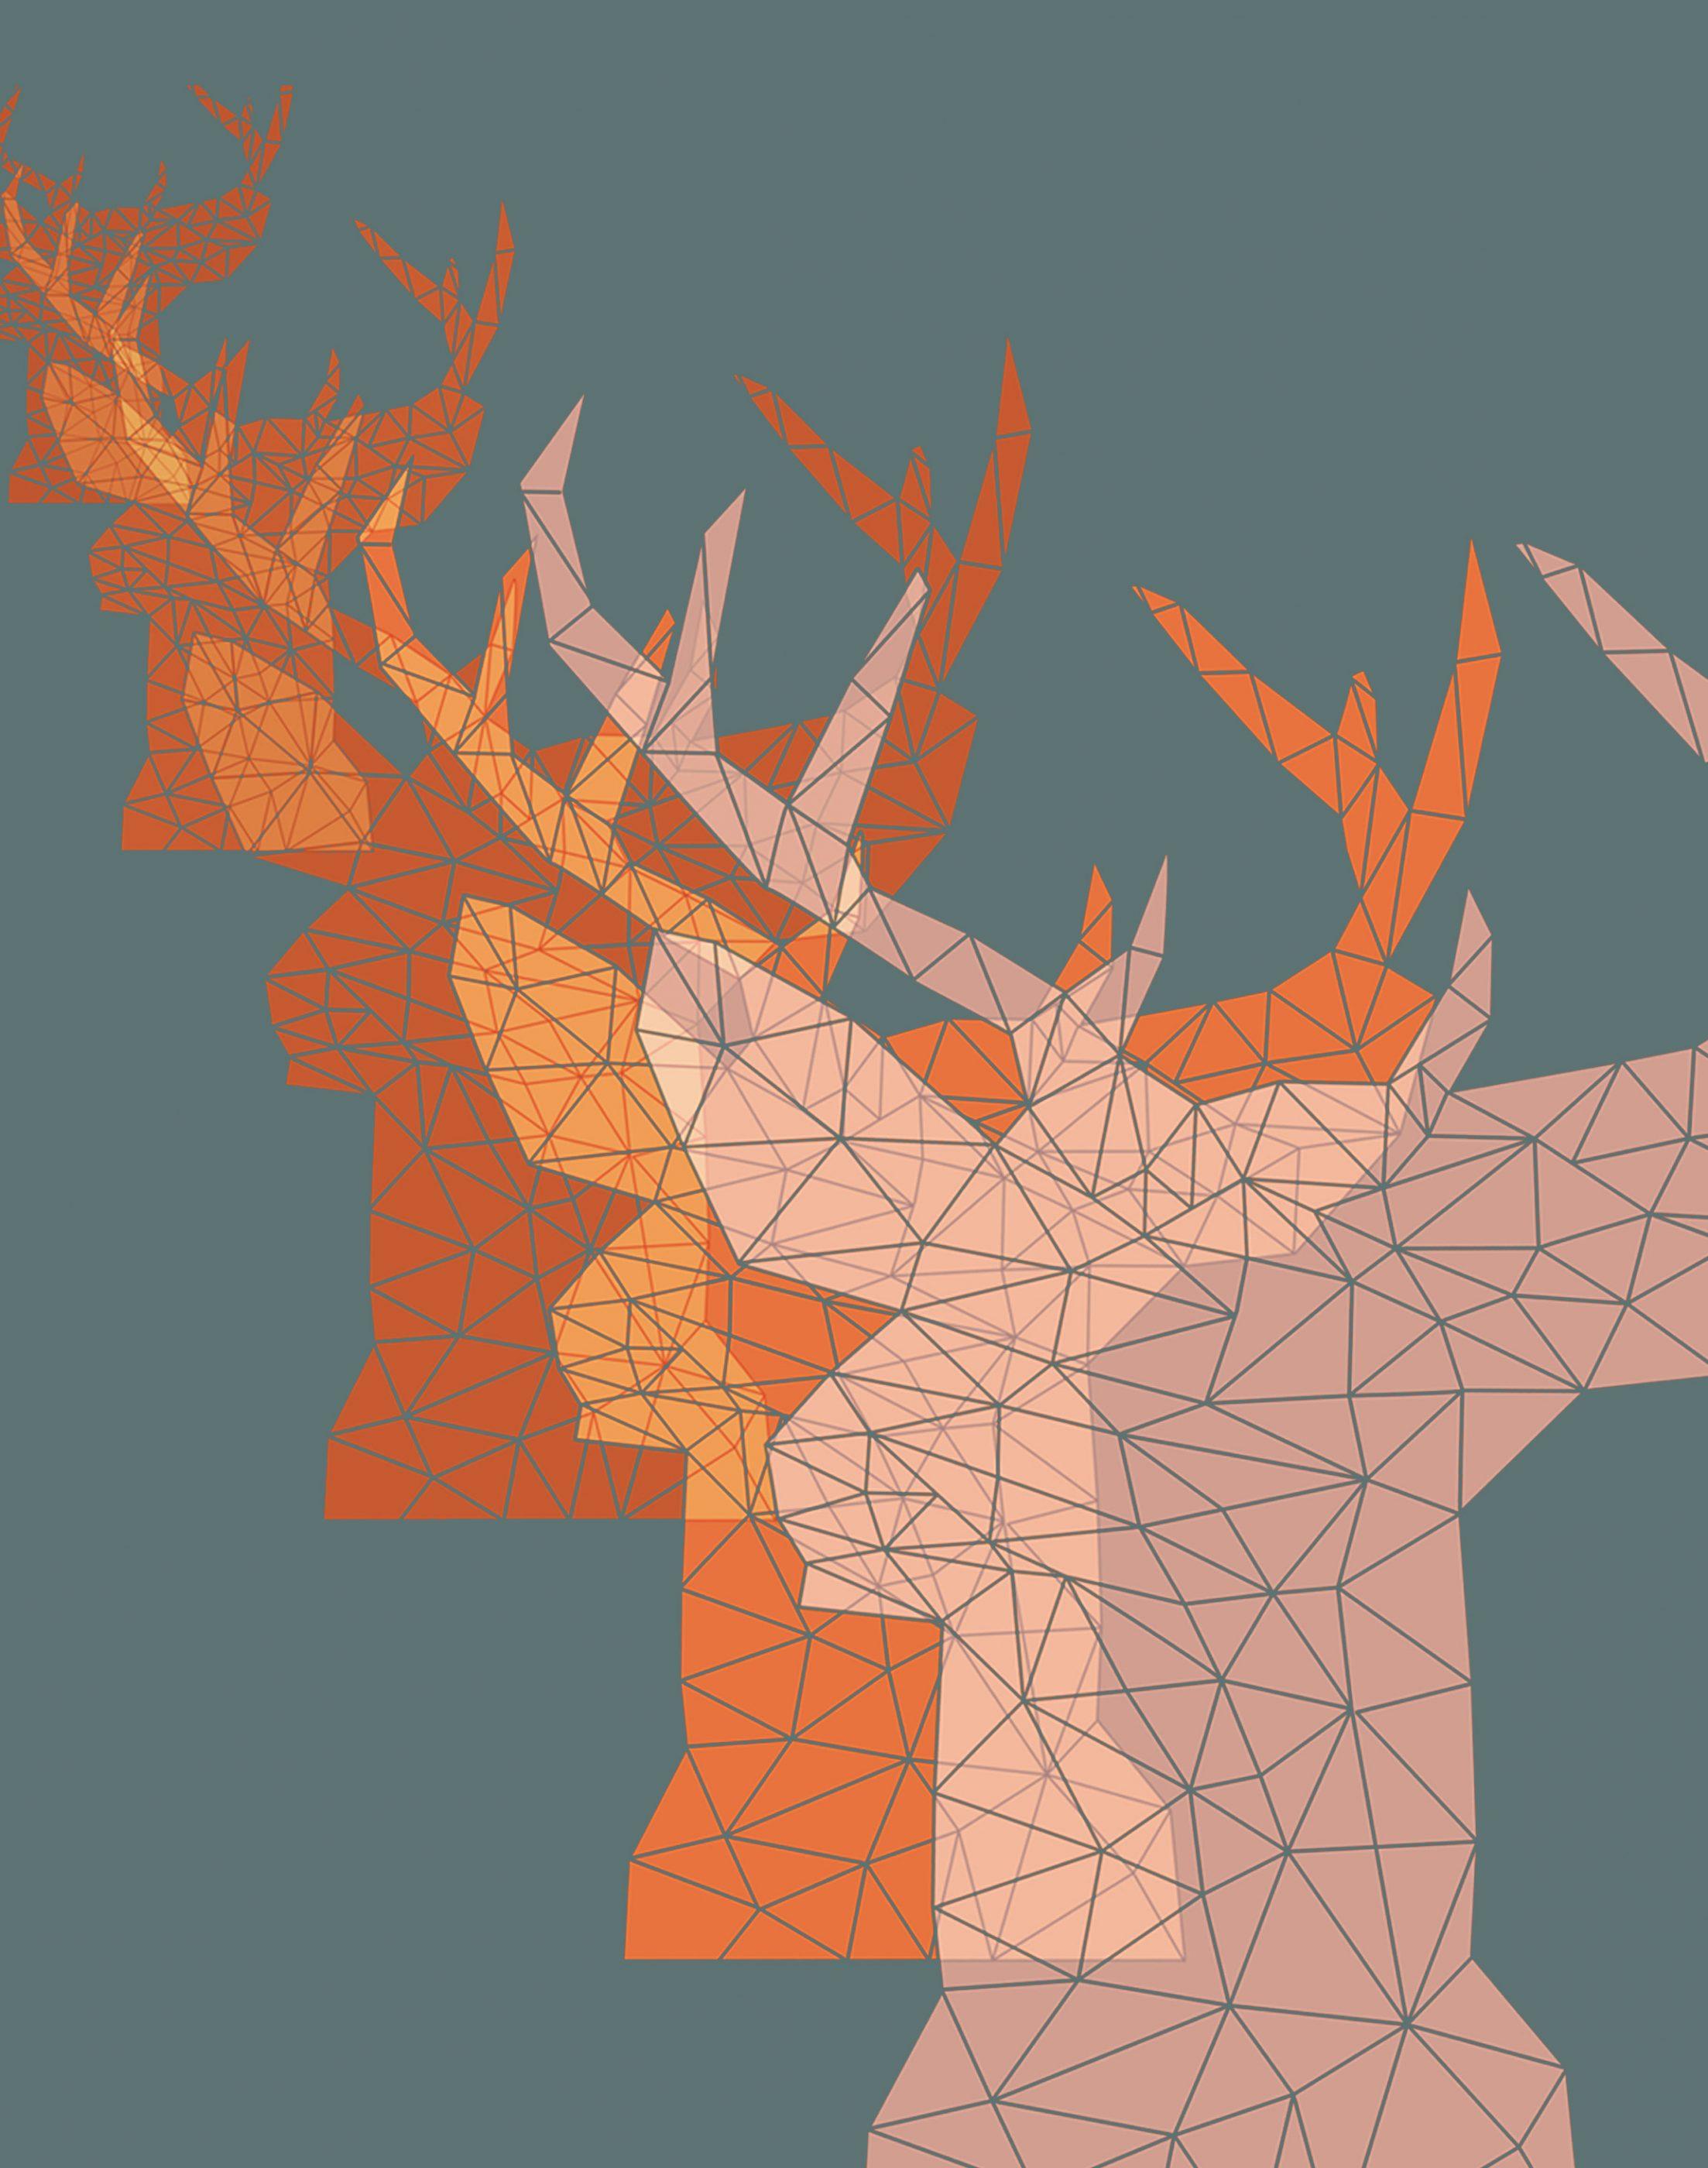 Dear deers